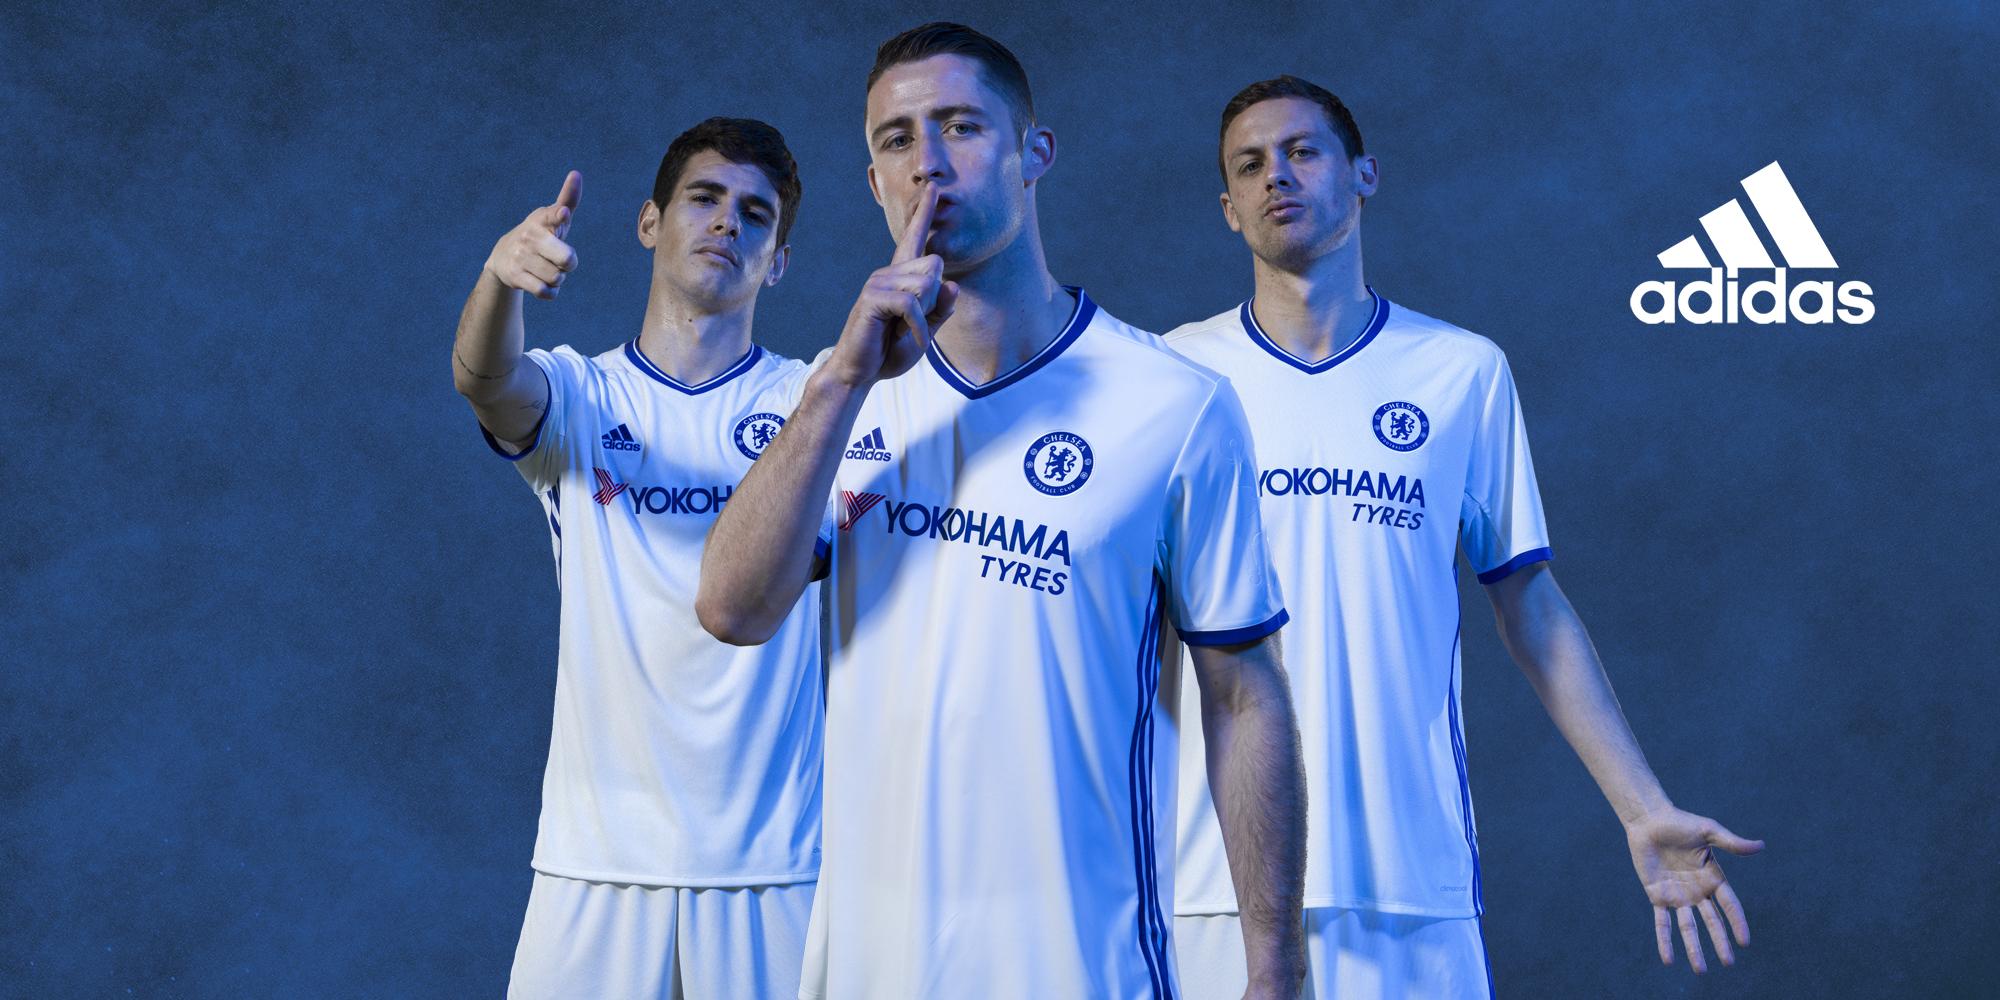 Chelsea_16-17_Third Kit_SOCIAL_GROUP